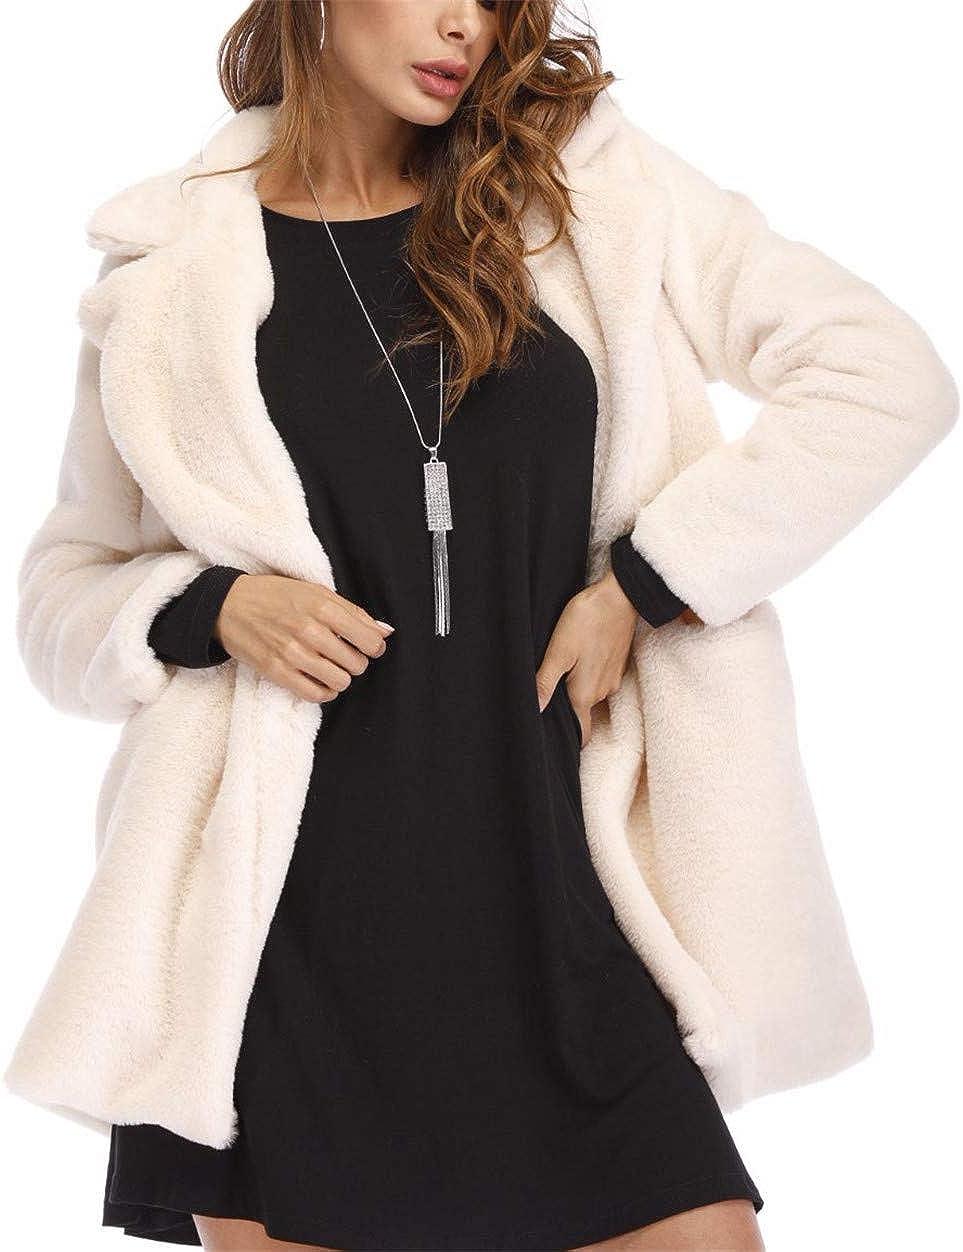 MISSMAO Women Super Warm Long Cardigan Coat Fluffy Faux Fur Winter Fleece Hooded Sherpa Jacket White